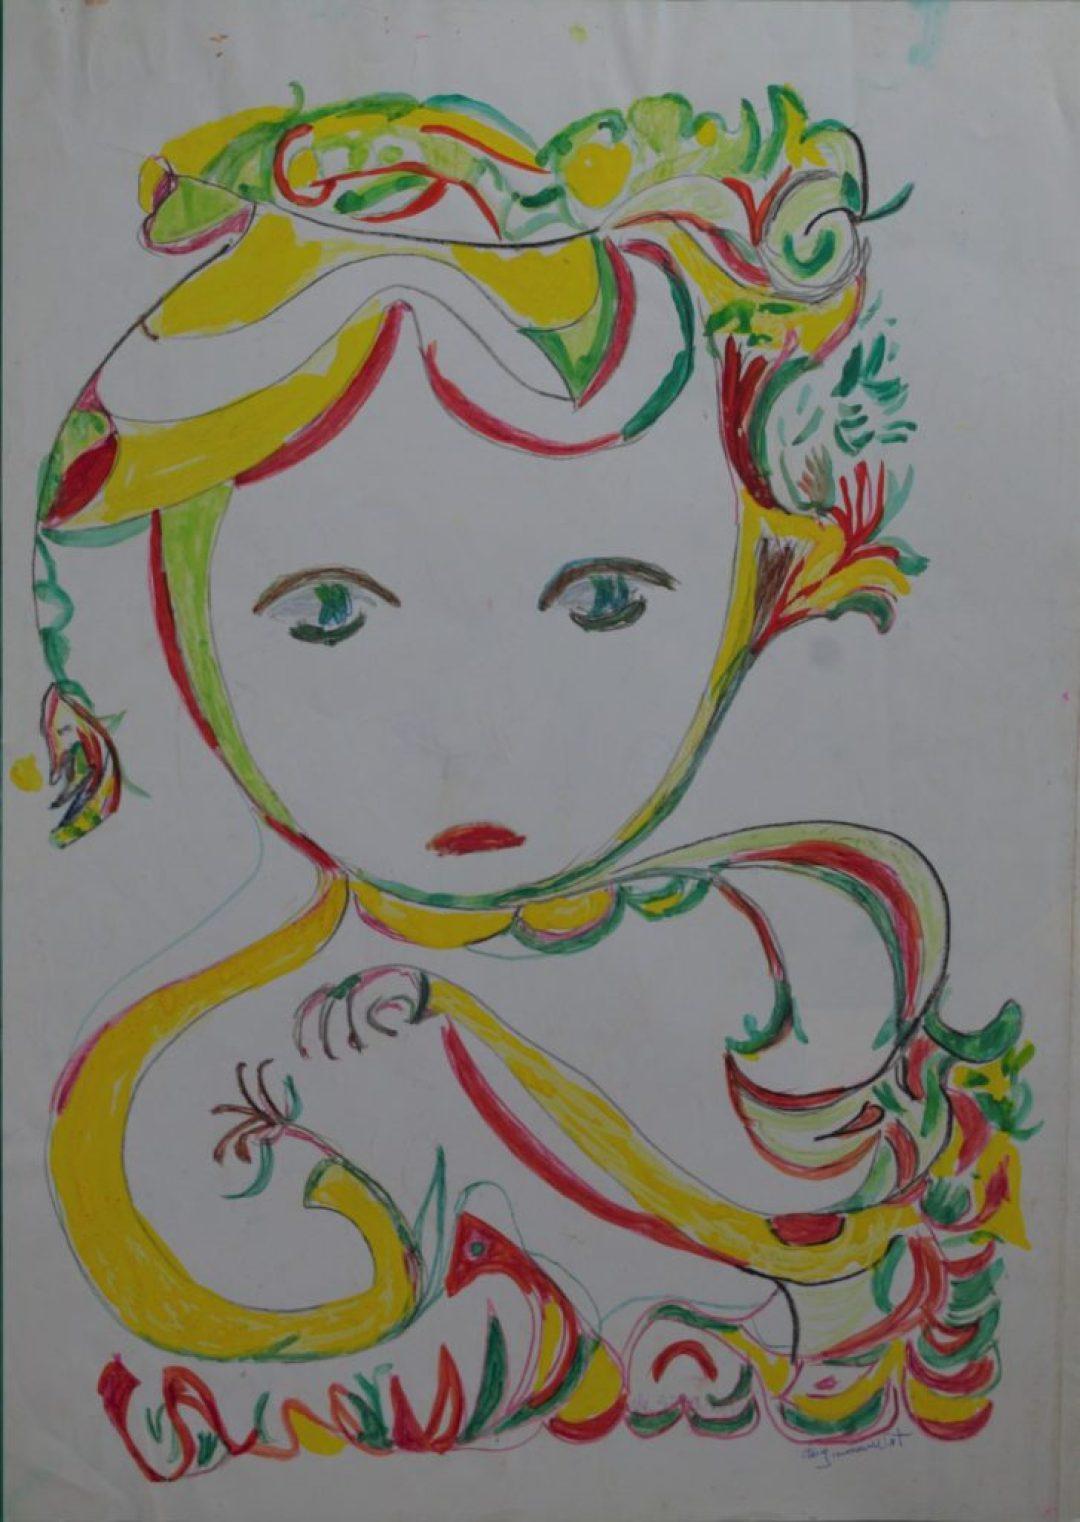 Martha Grünenwaldt, sans titre, nd, dessin au crayon gris, crayons de couleur et gouache sur papier, 42 x 30 cm